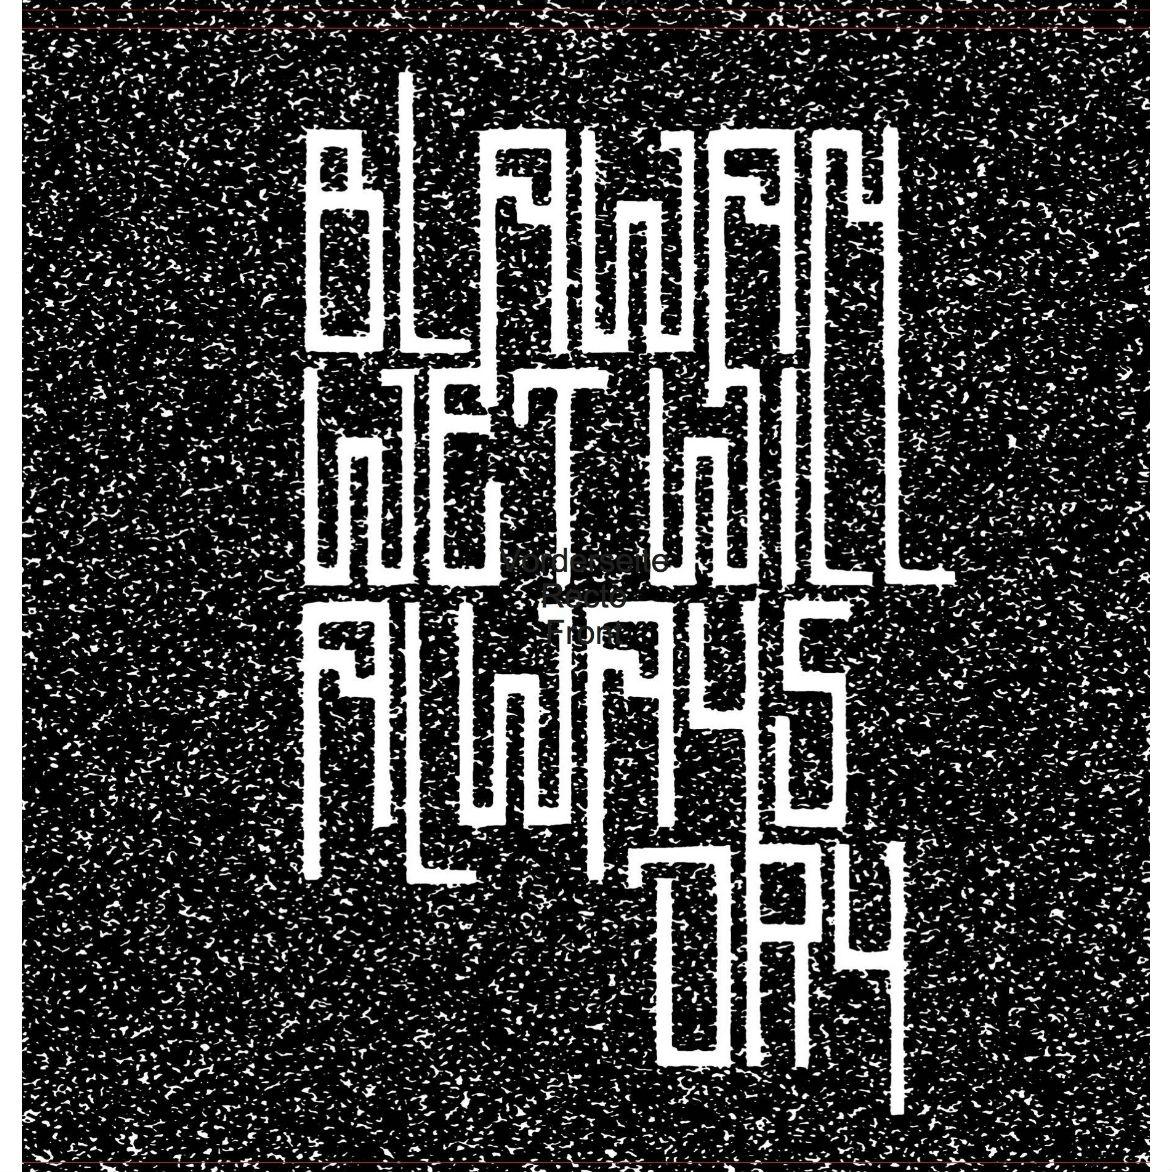 Blawan/WET WILL ALWAYS DRY DLP